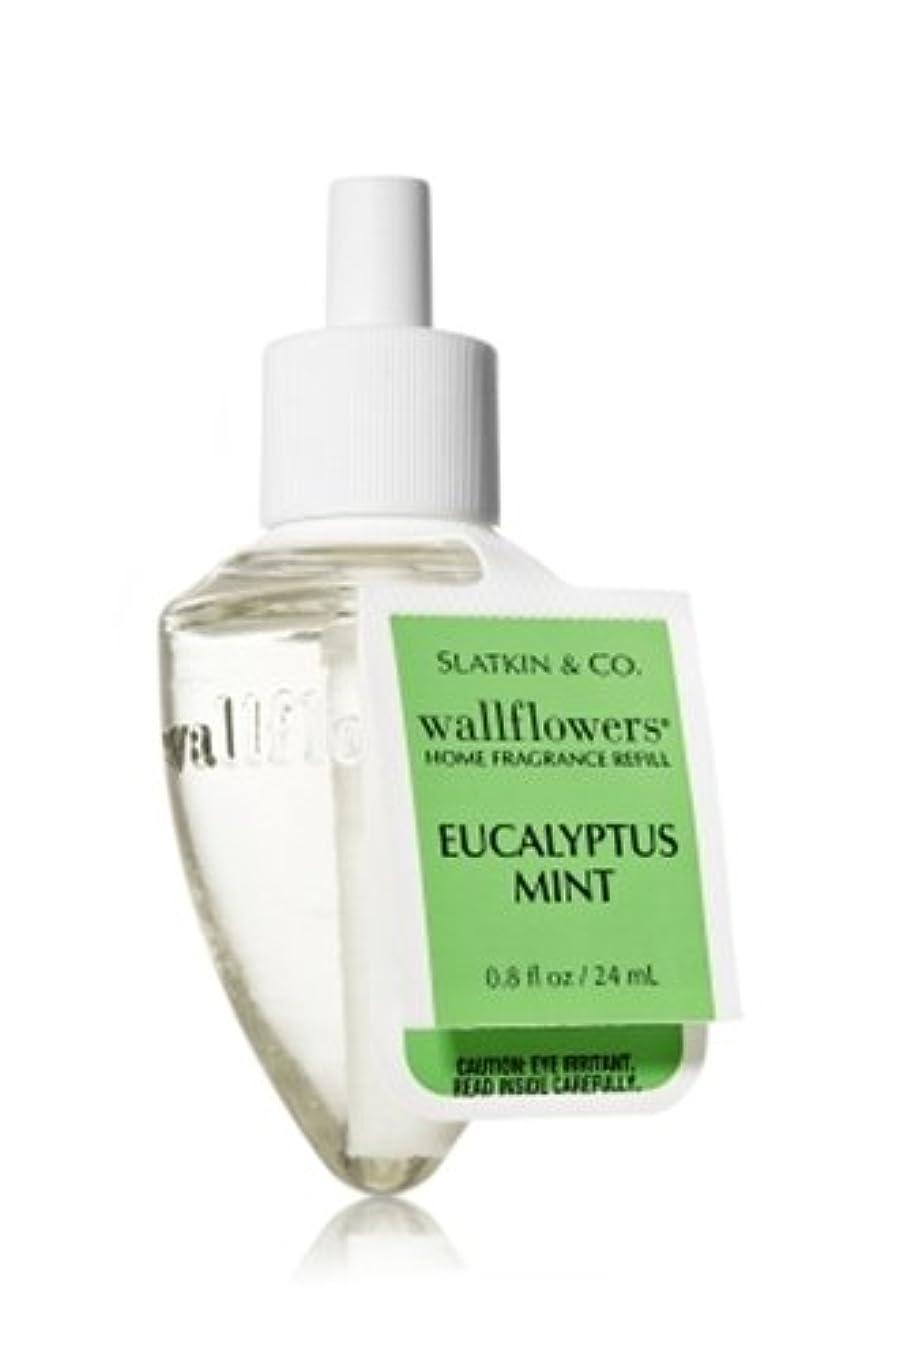 墓地社会学フォーマルBath & Body Works(バス&ボディワークス) ユーカリプタス ミント レフィル(本体は別売りです) Eucalyptus Mint Wallflowers Refill Single Bottles【並行輸入品】